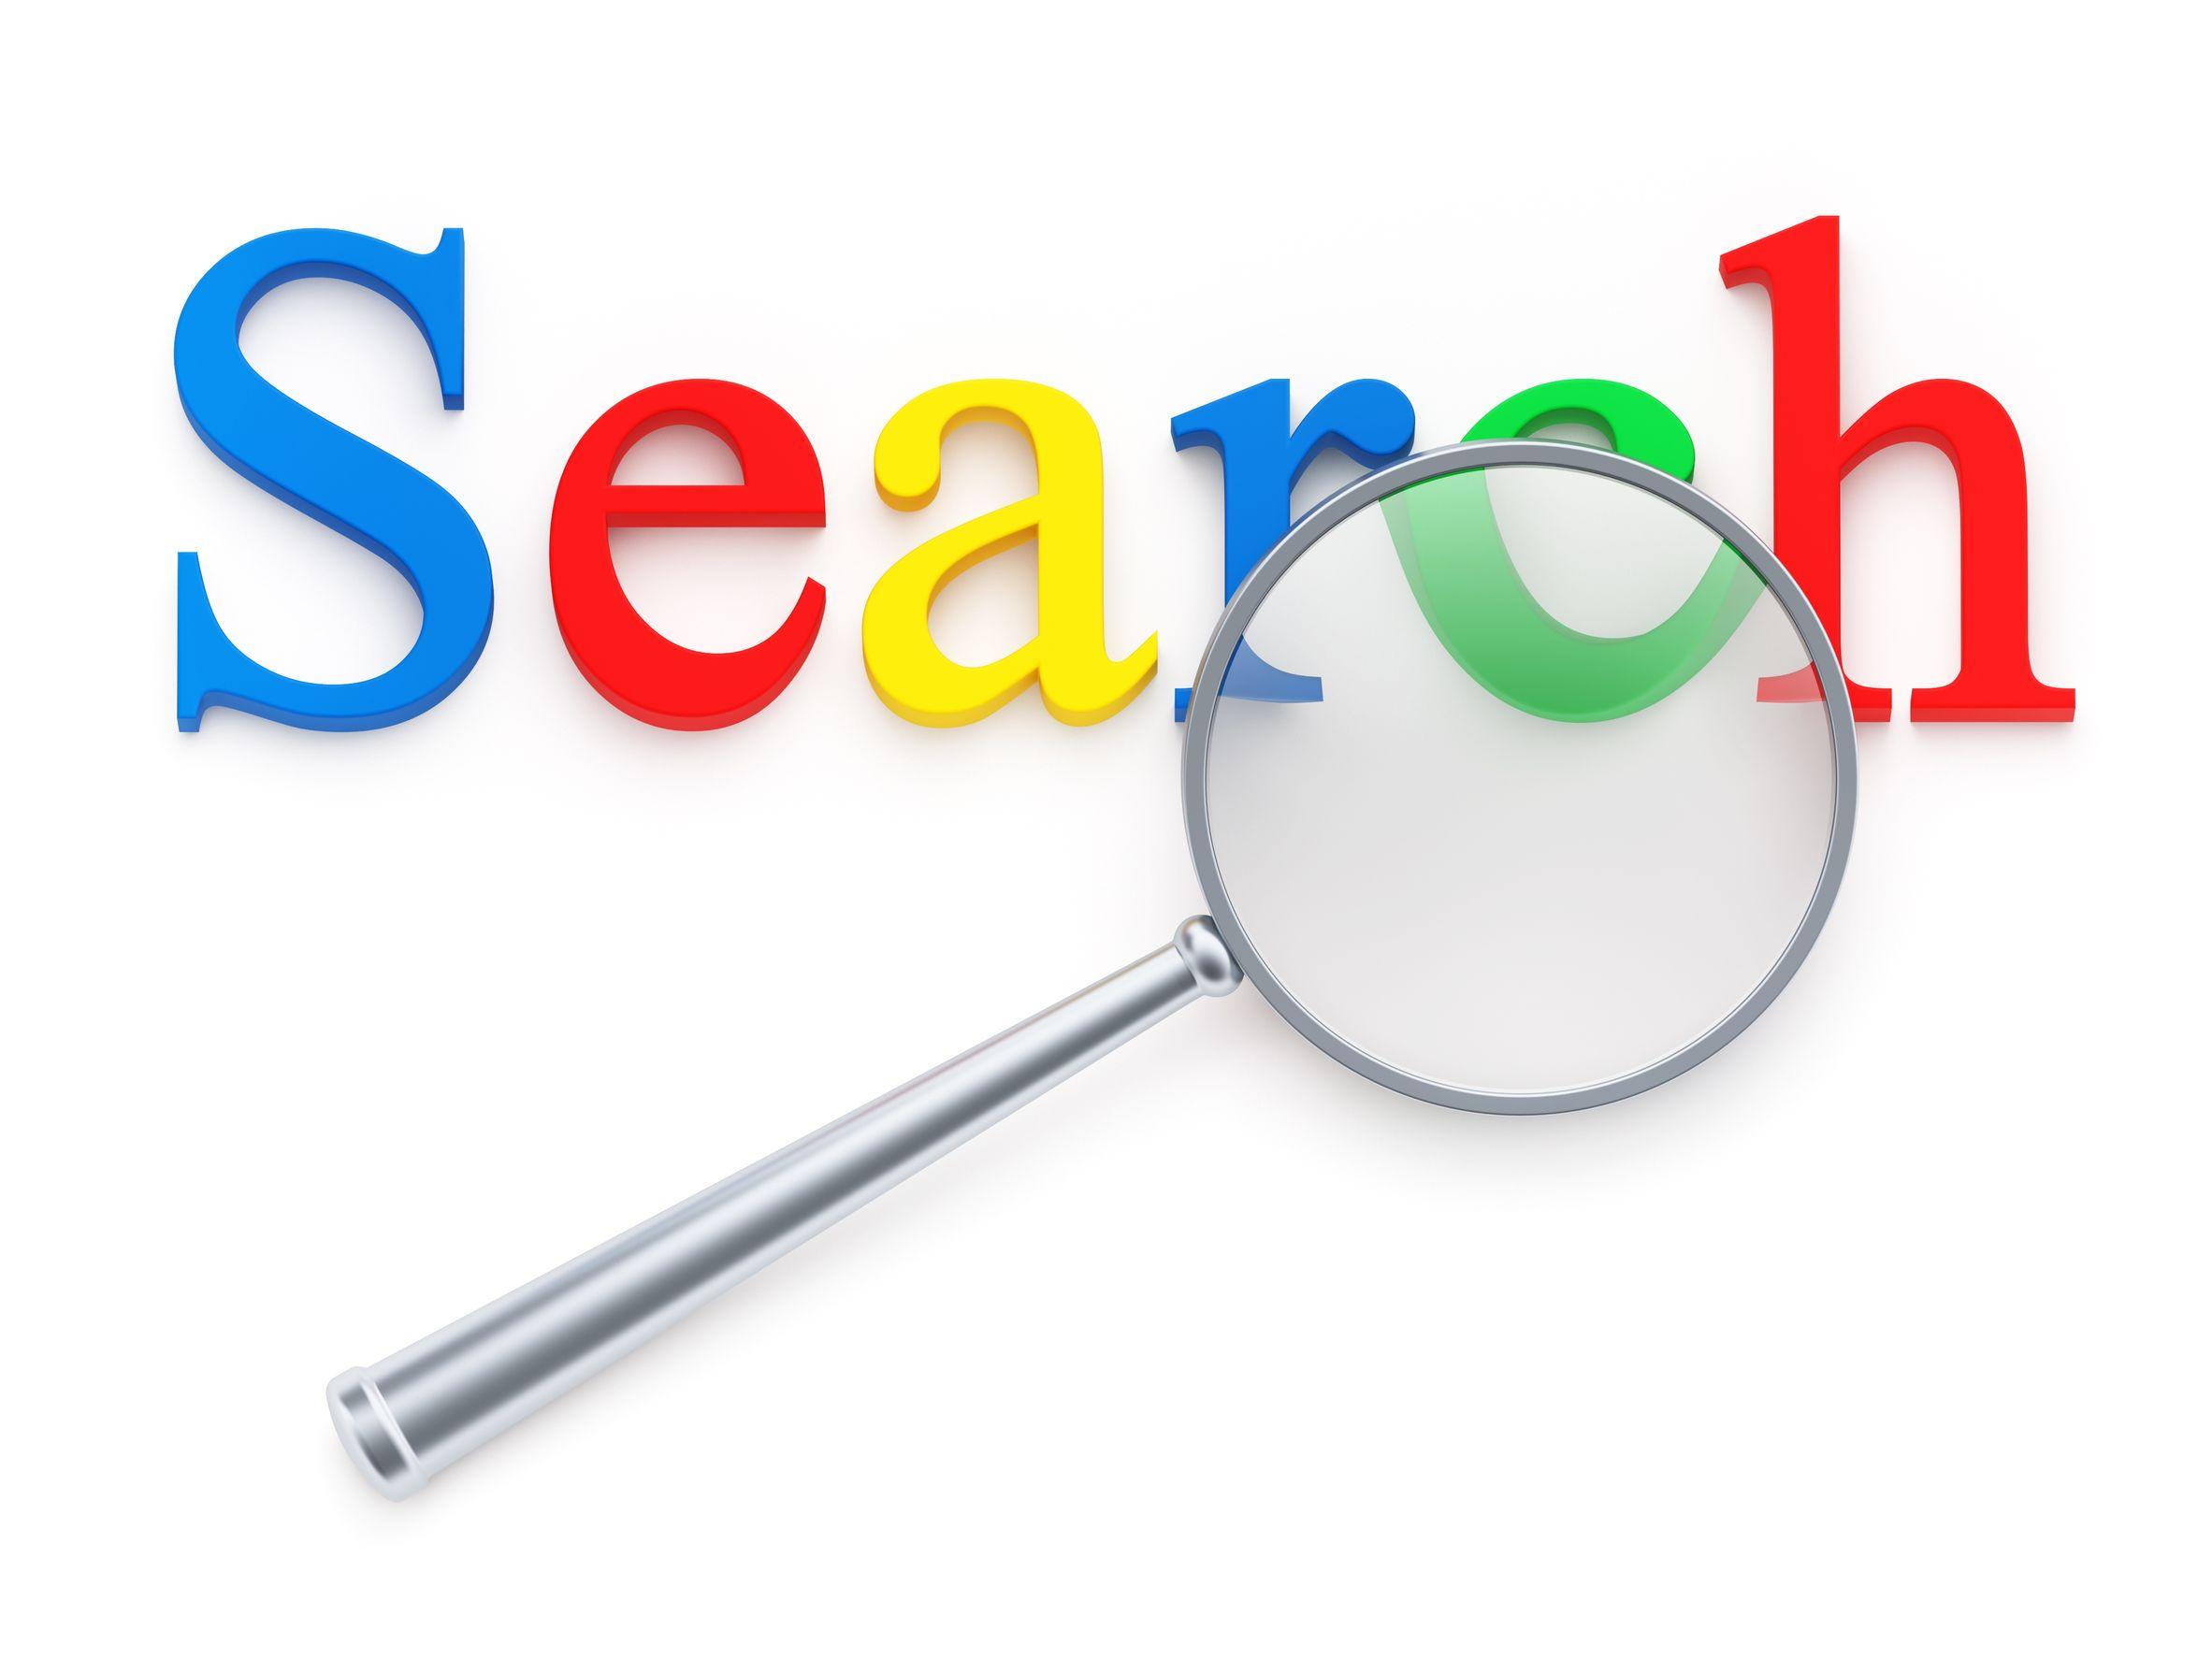 Tiêu đề thân thiện công cụ tìm kiếm